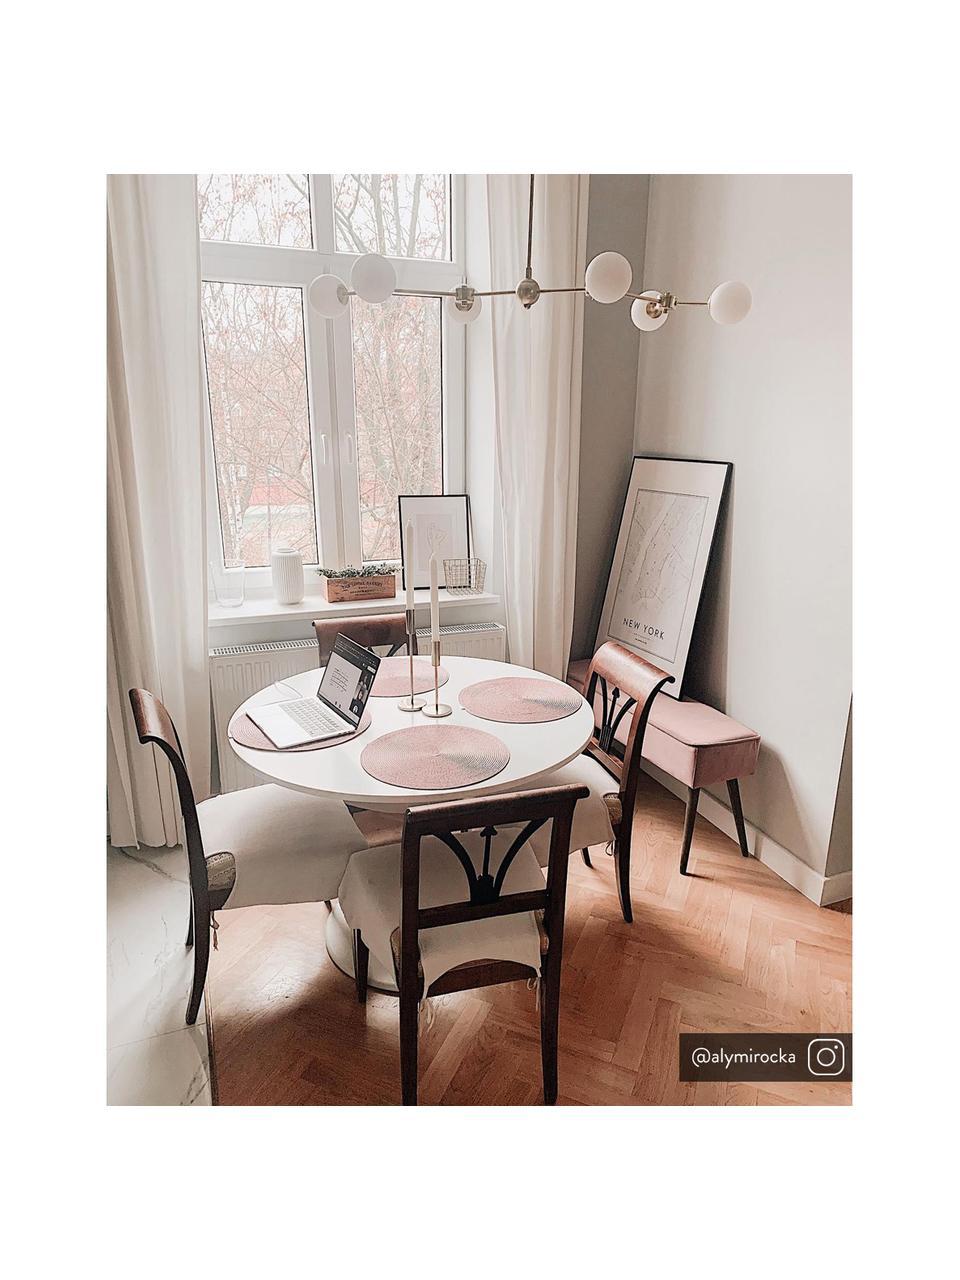 Ławka tapicerowana z aksamitu Popy, Tapicerka: aksamit poliestrowy Dzięk, Nogi: drewno kauczukowe, lakier, Brudny różowy, S 100 x W 50 cm